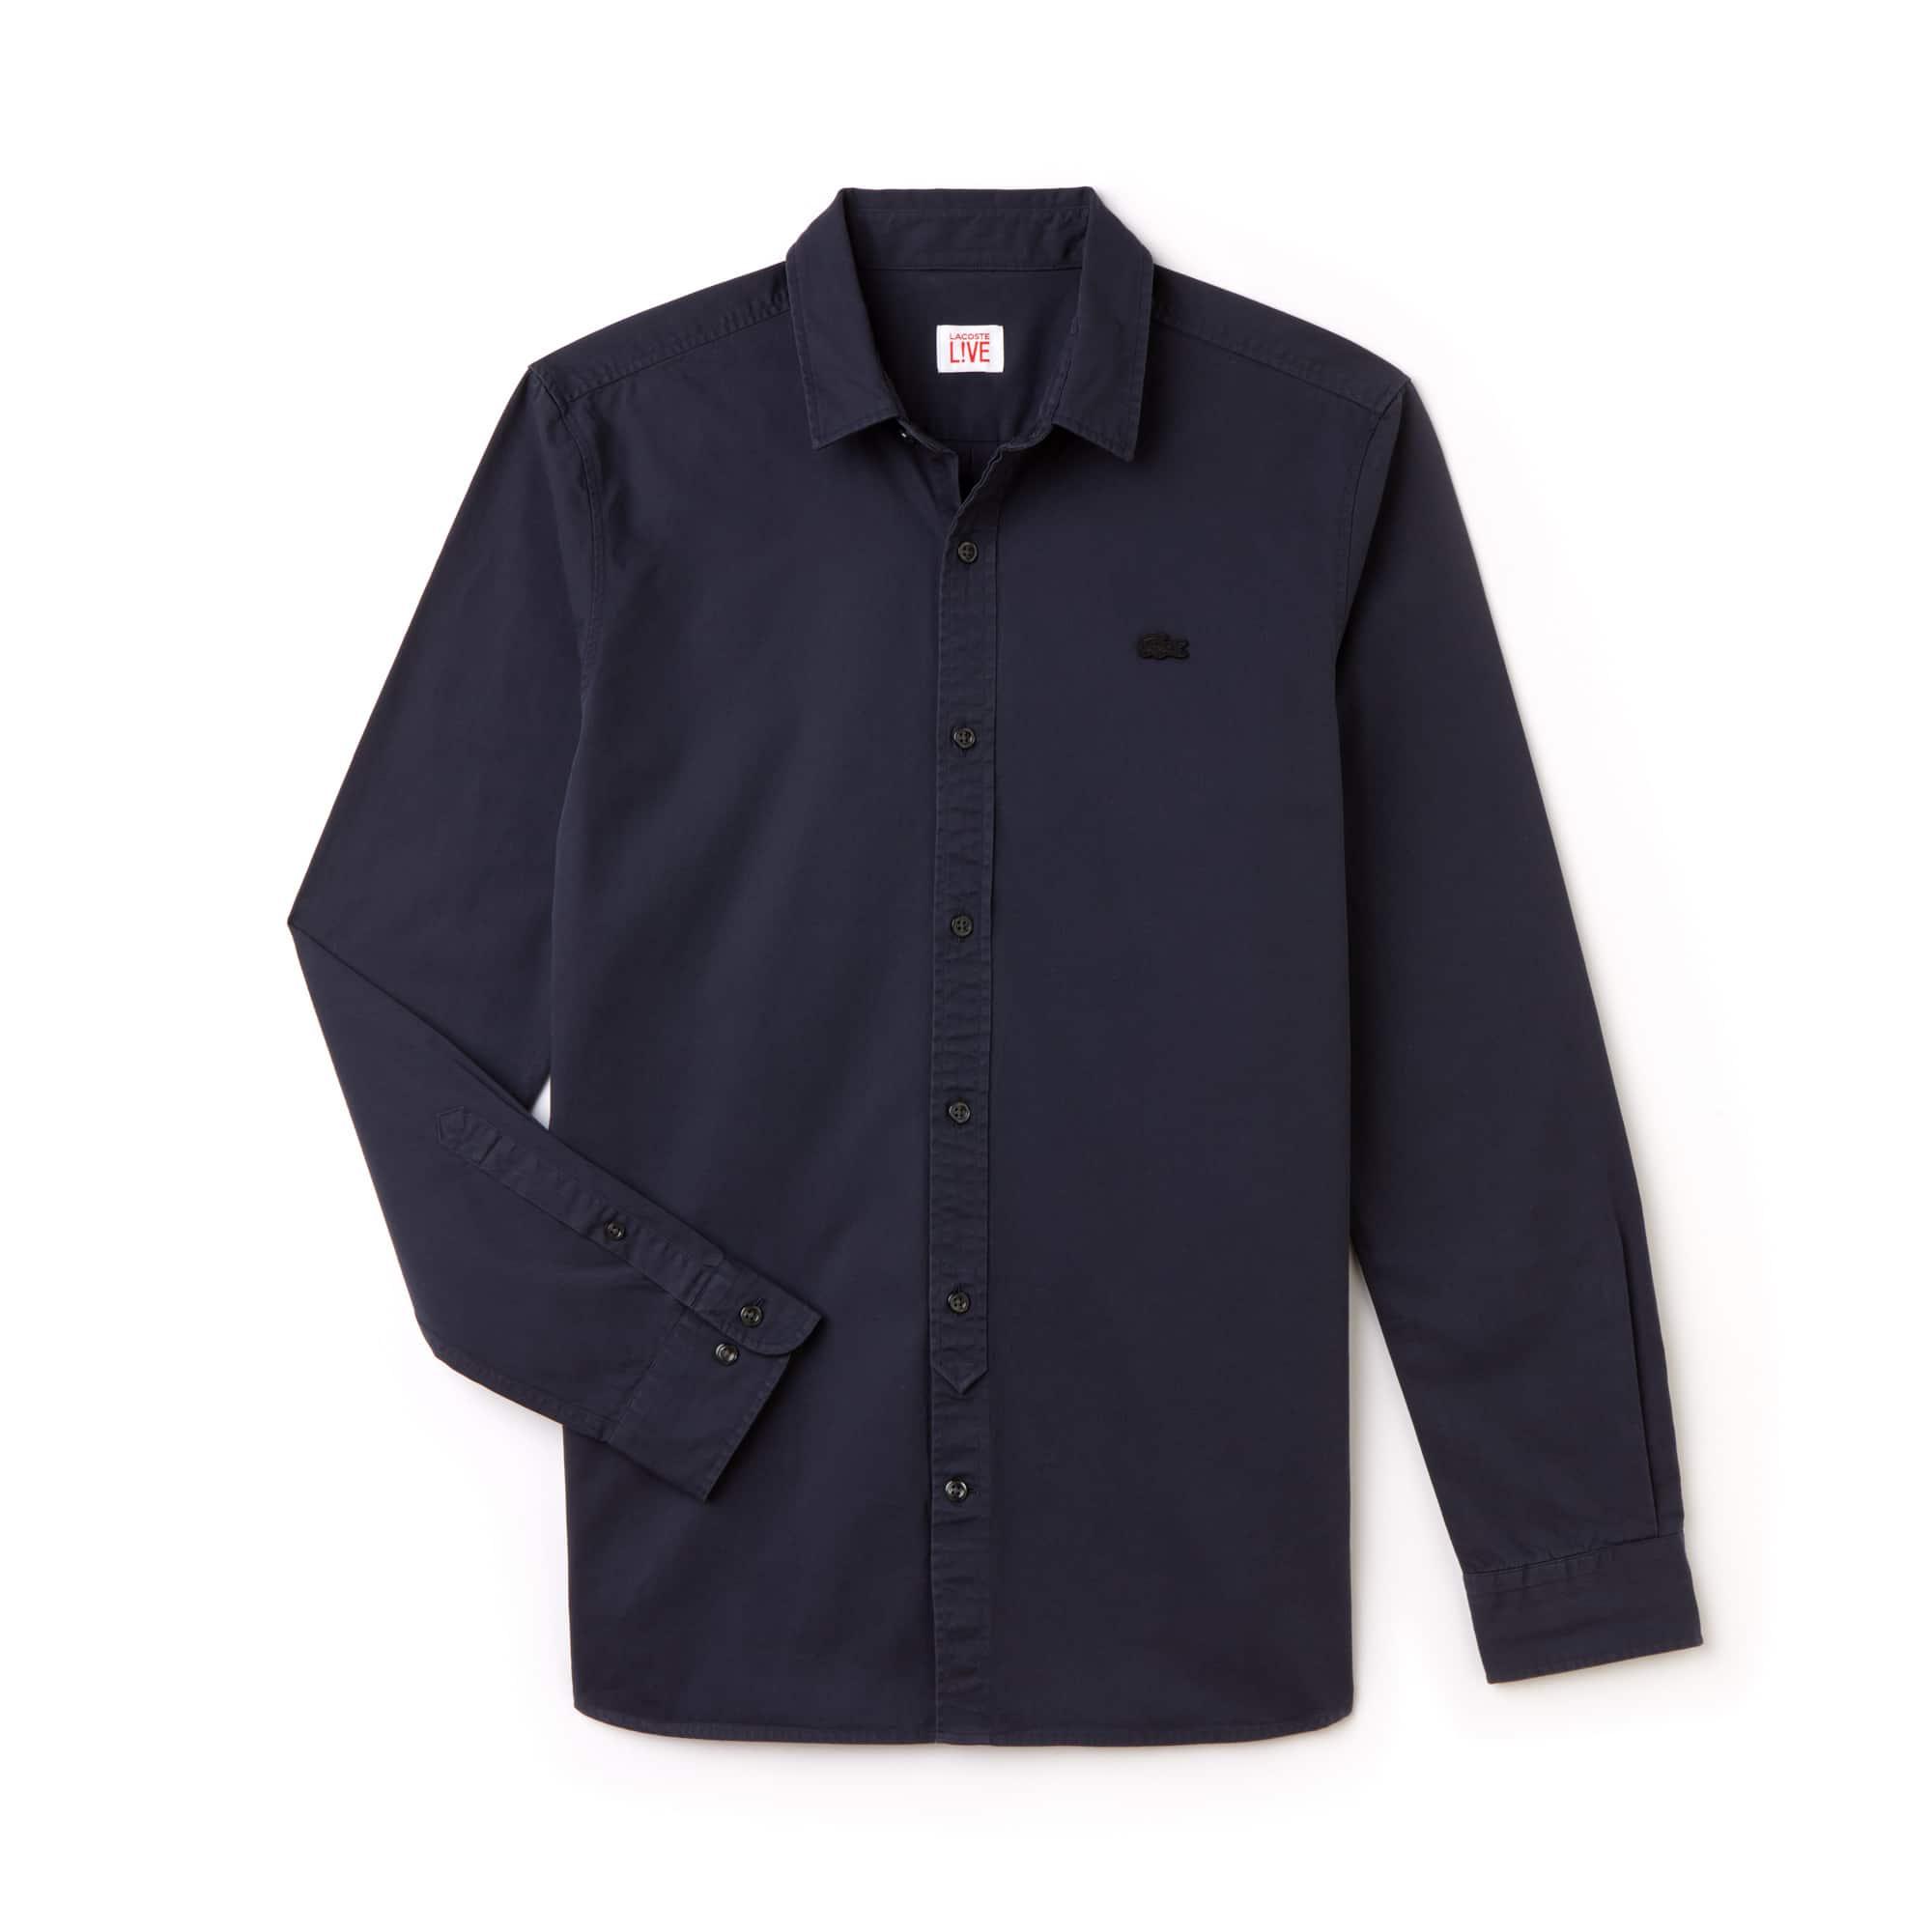 Skinny Fit Herren-Hemd aus Baumwoll-Popeline LACOSTE L!VE